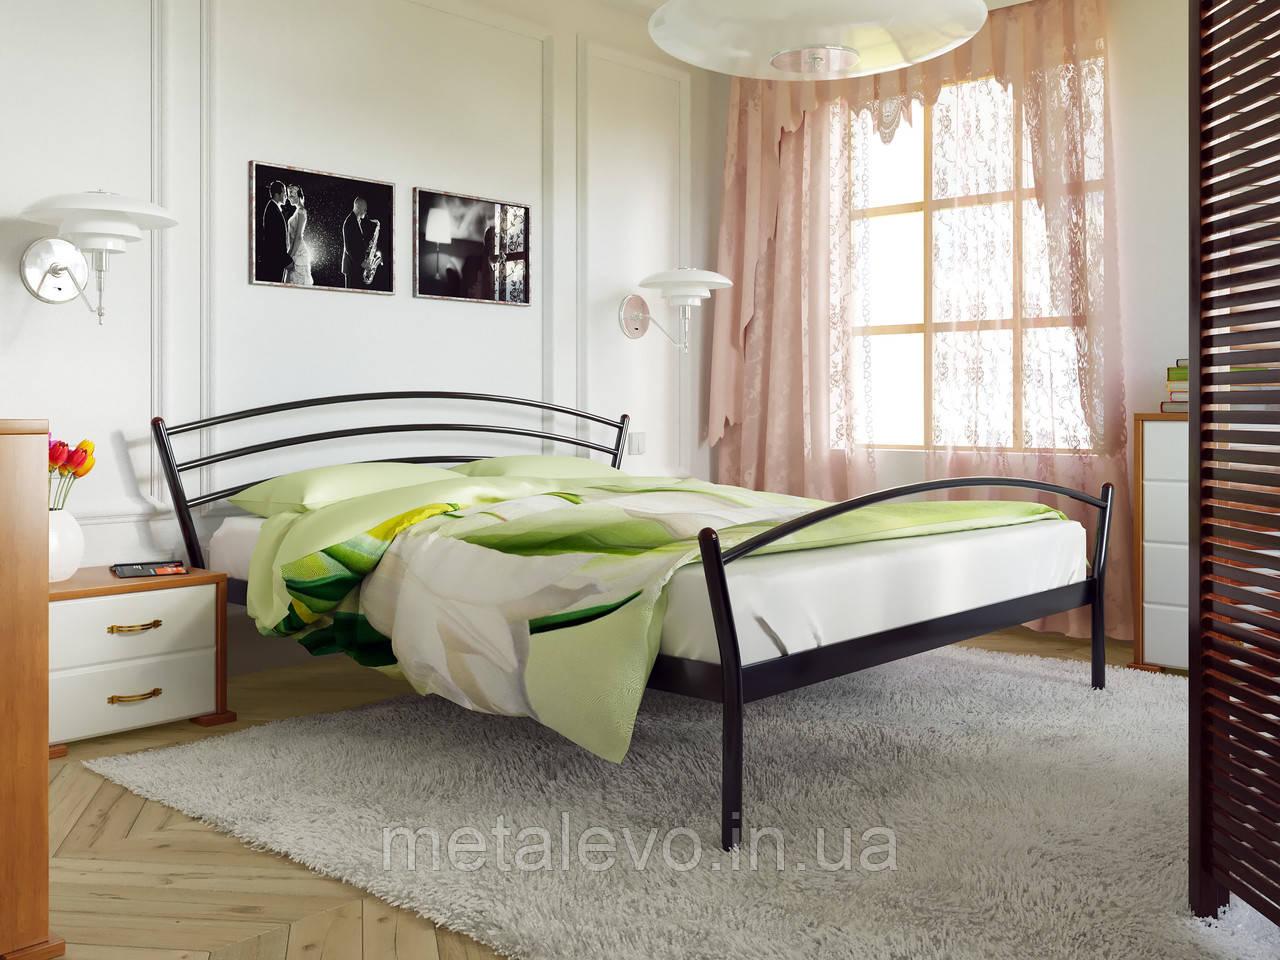 Металлическая кровать с изножьем МАРКО-2 (MARCO-2)